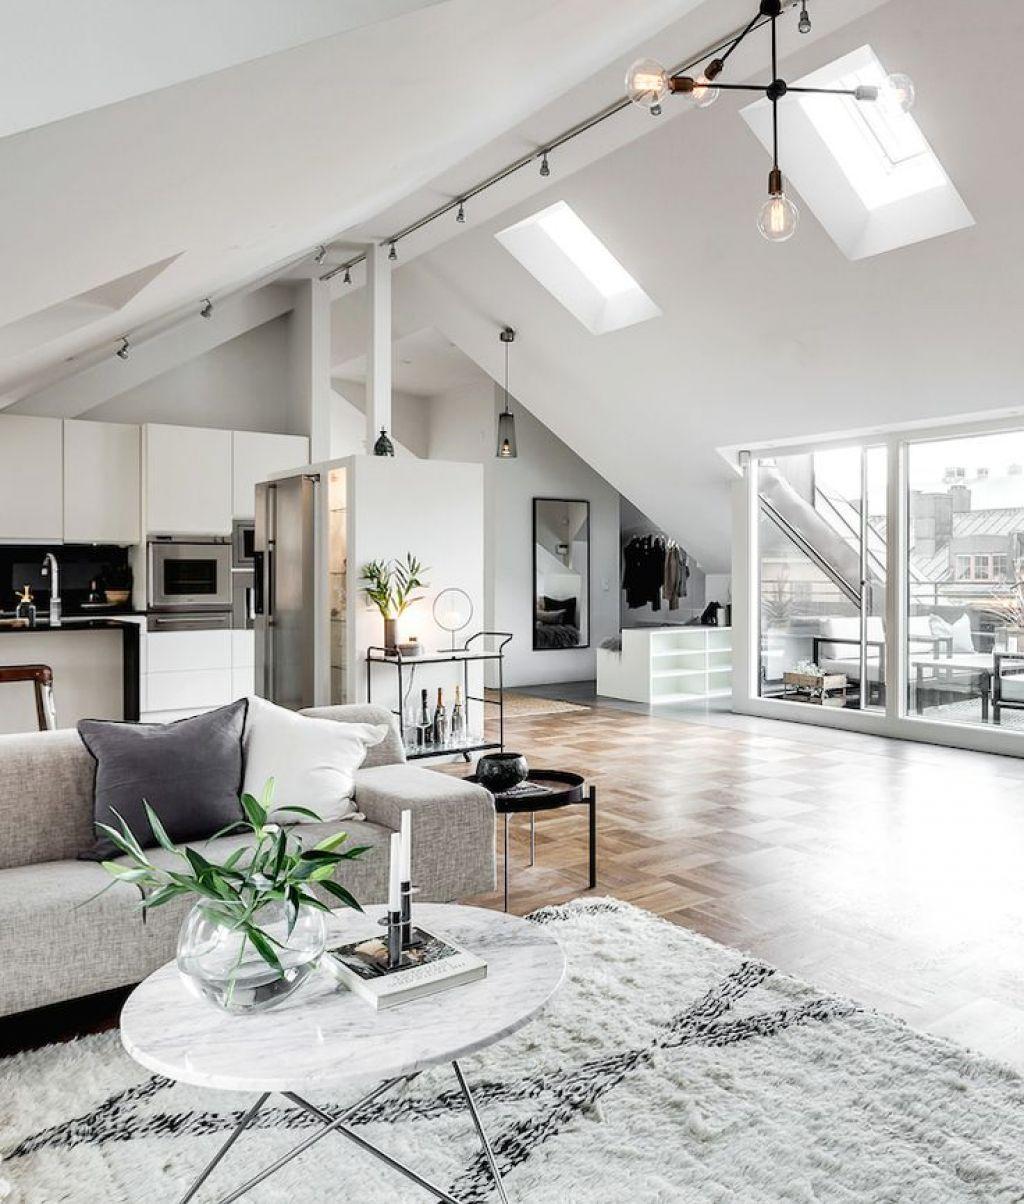 Living In An Attic Apartment In 2019 Apartment Interior